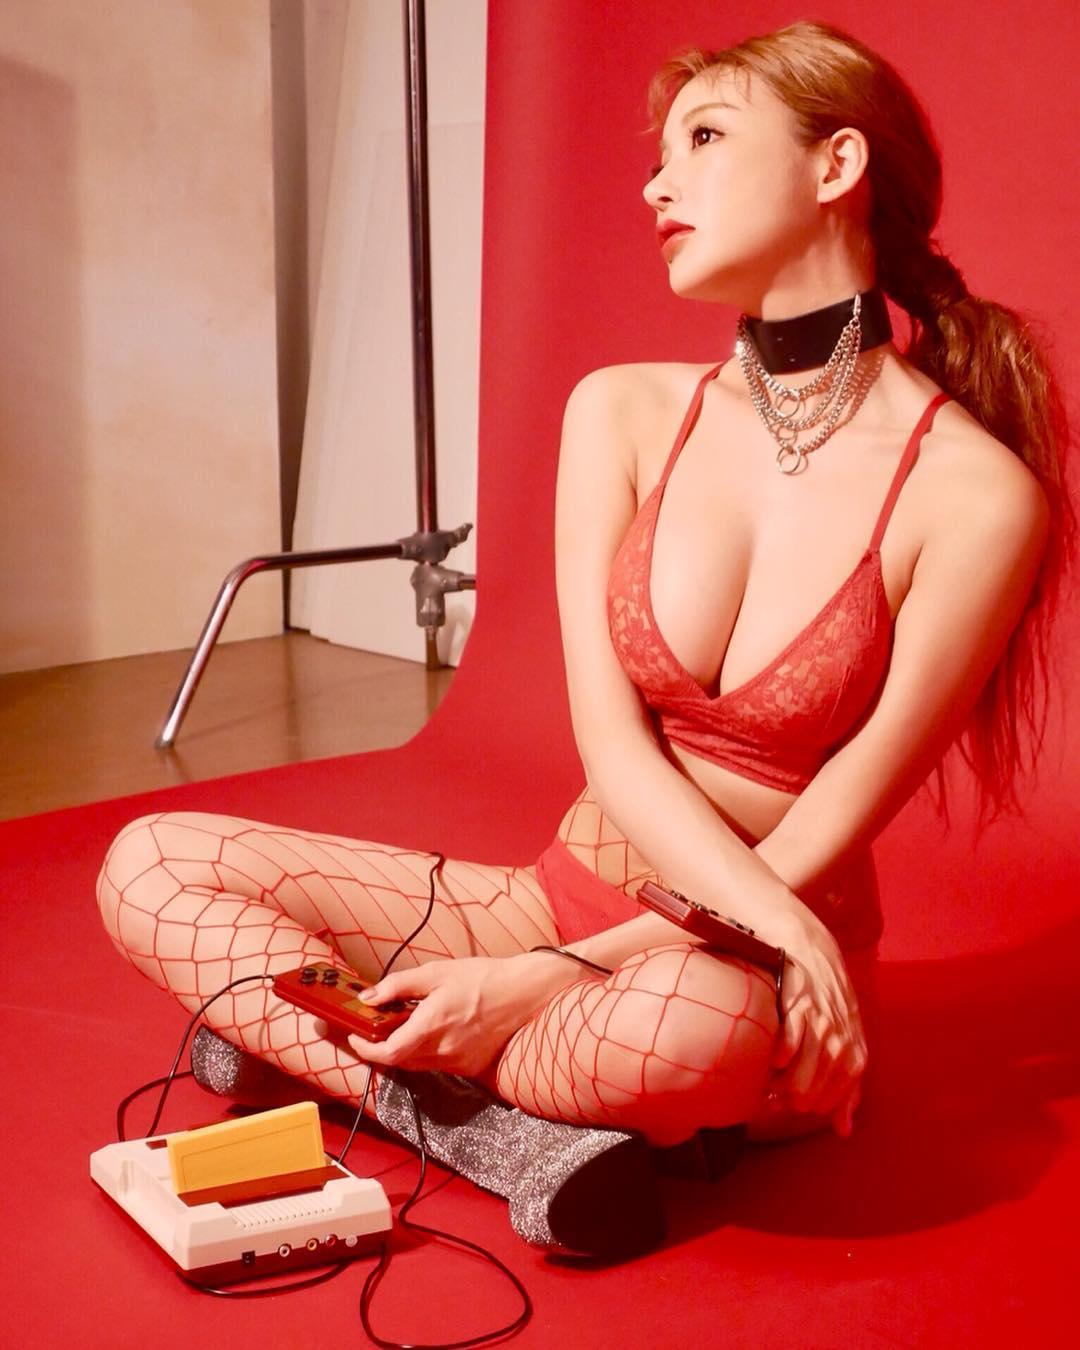 明日花绮罗色情明星_【女神每日新闻】明日花绮罗ins日常写真2.